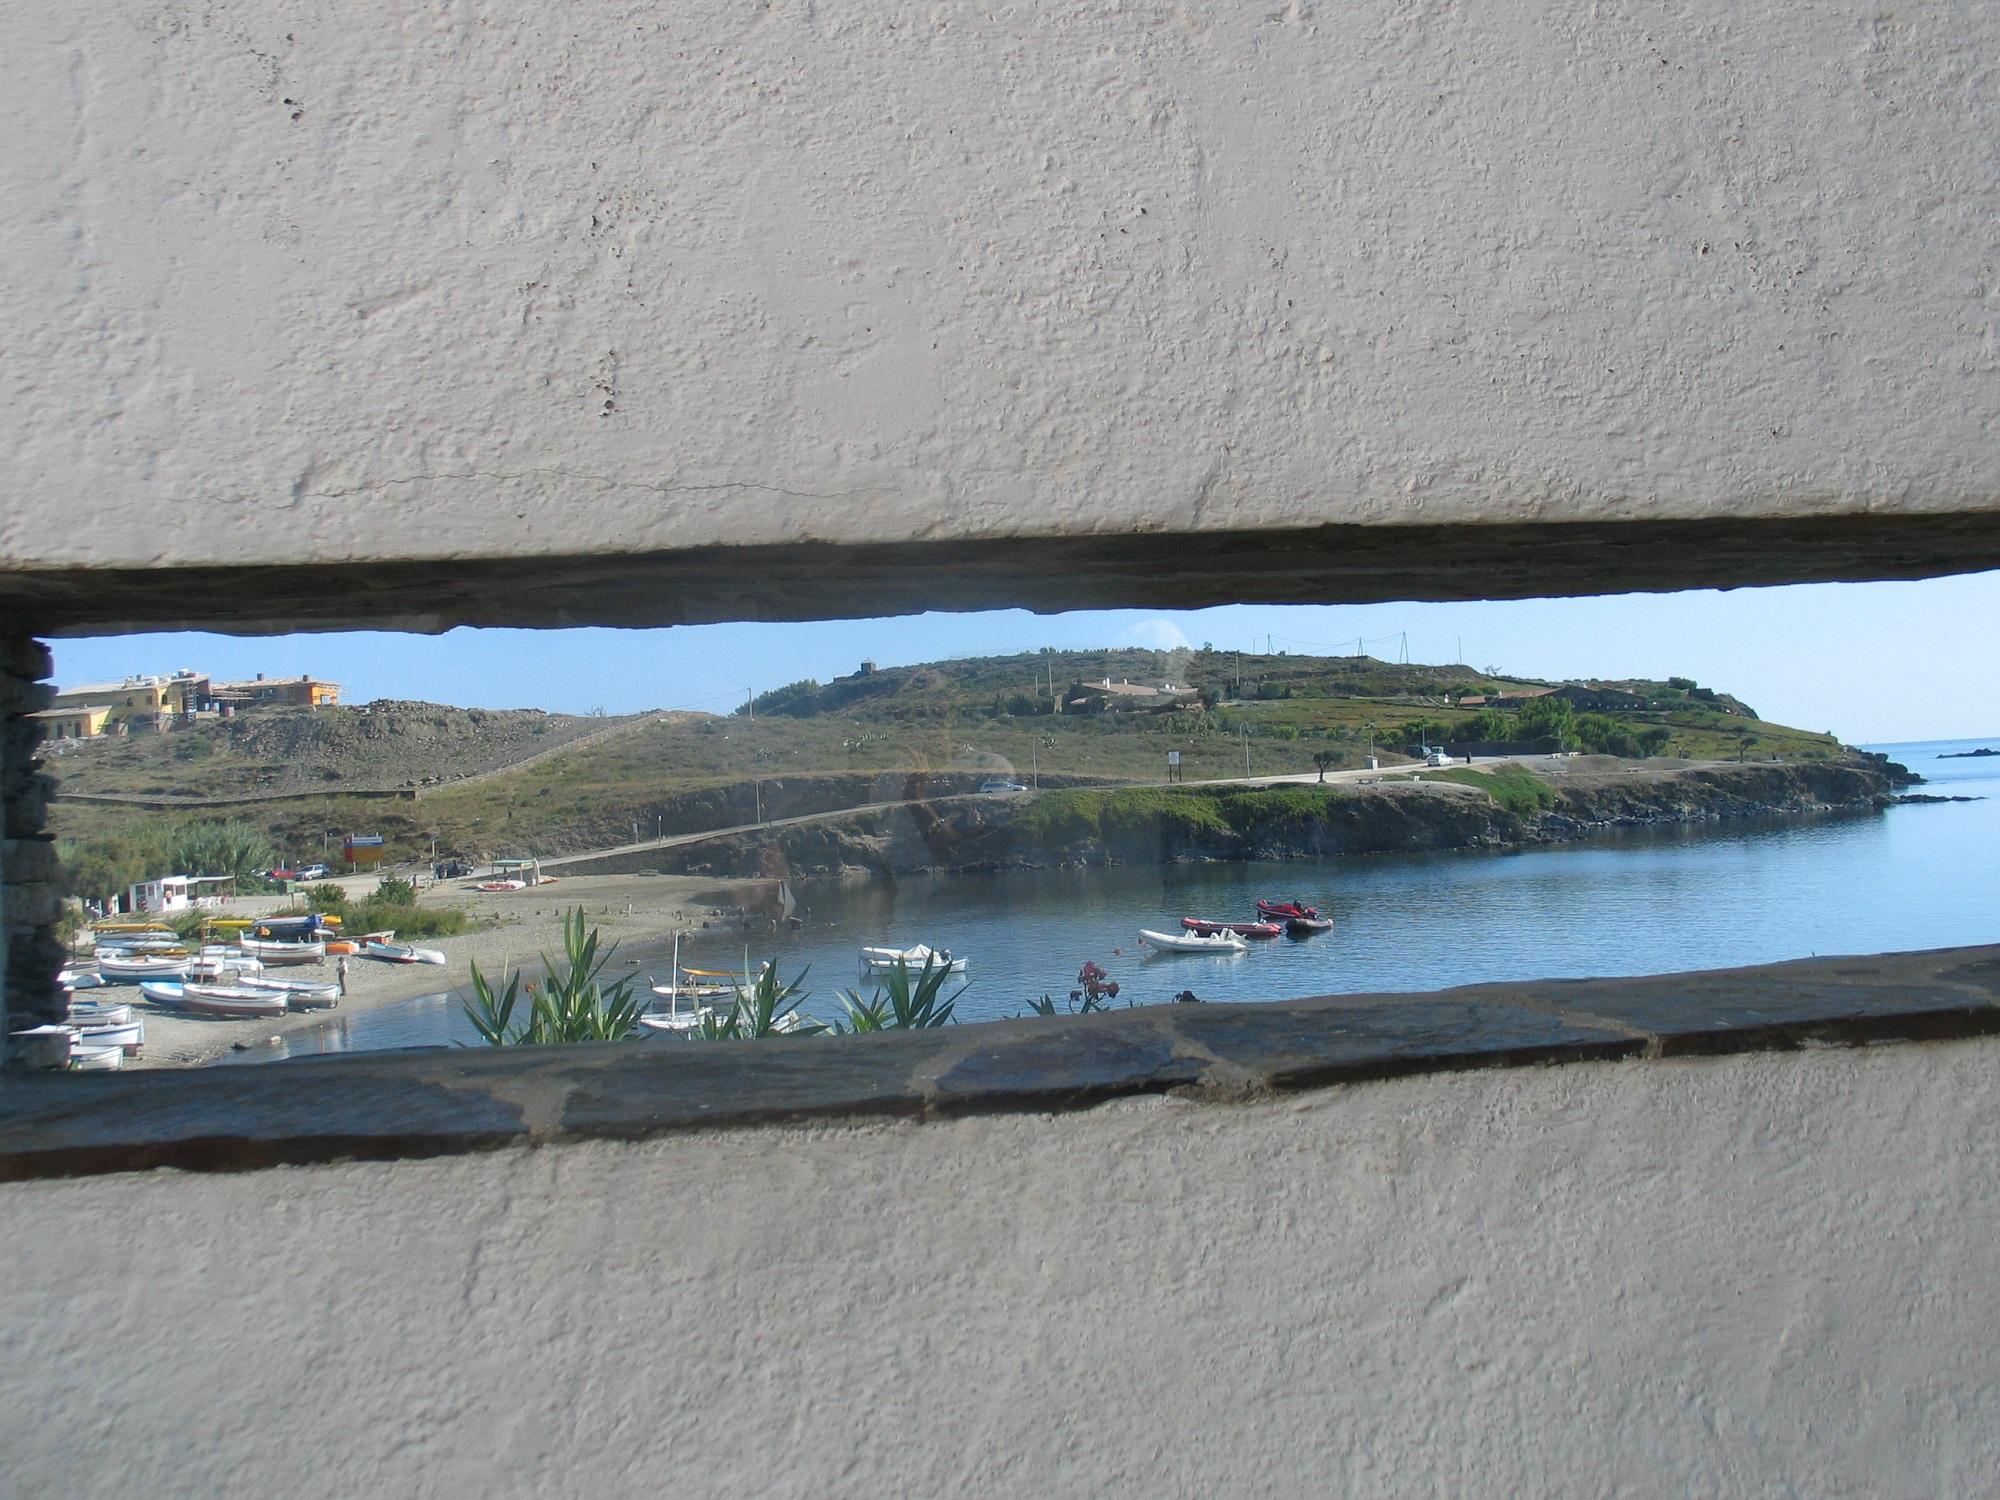 Ventana de la casa de Dalí de Portlligat, utilizada por el artista para una de sus obras más conocidas. La fotografía corresponde a un viaje de 2005.